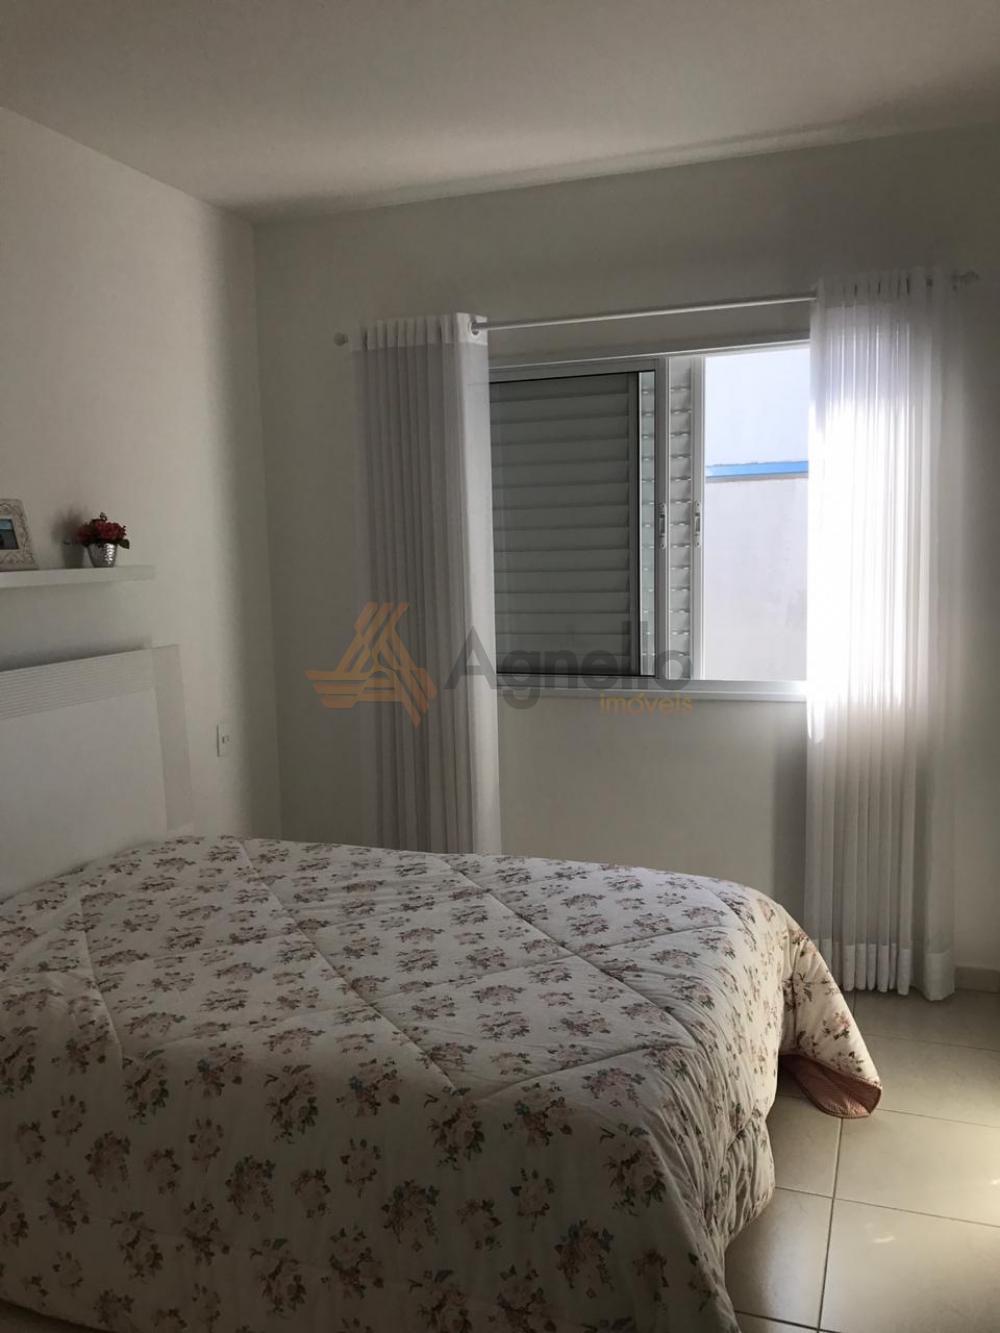 Comprar Casa / Condomínio em Franca R$ 650.000,00 - Foto 12